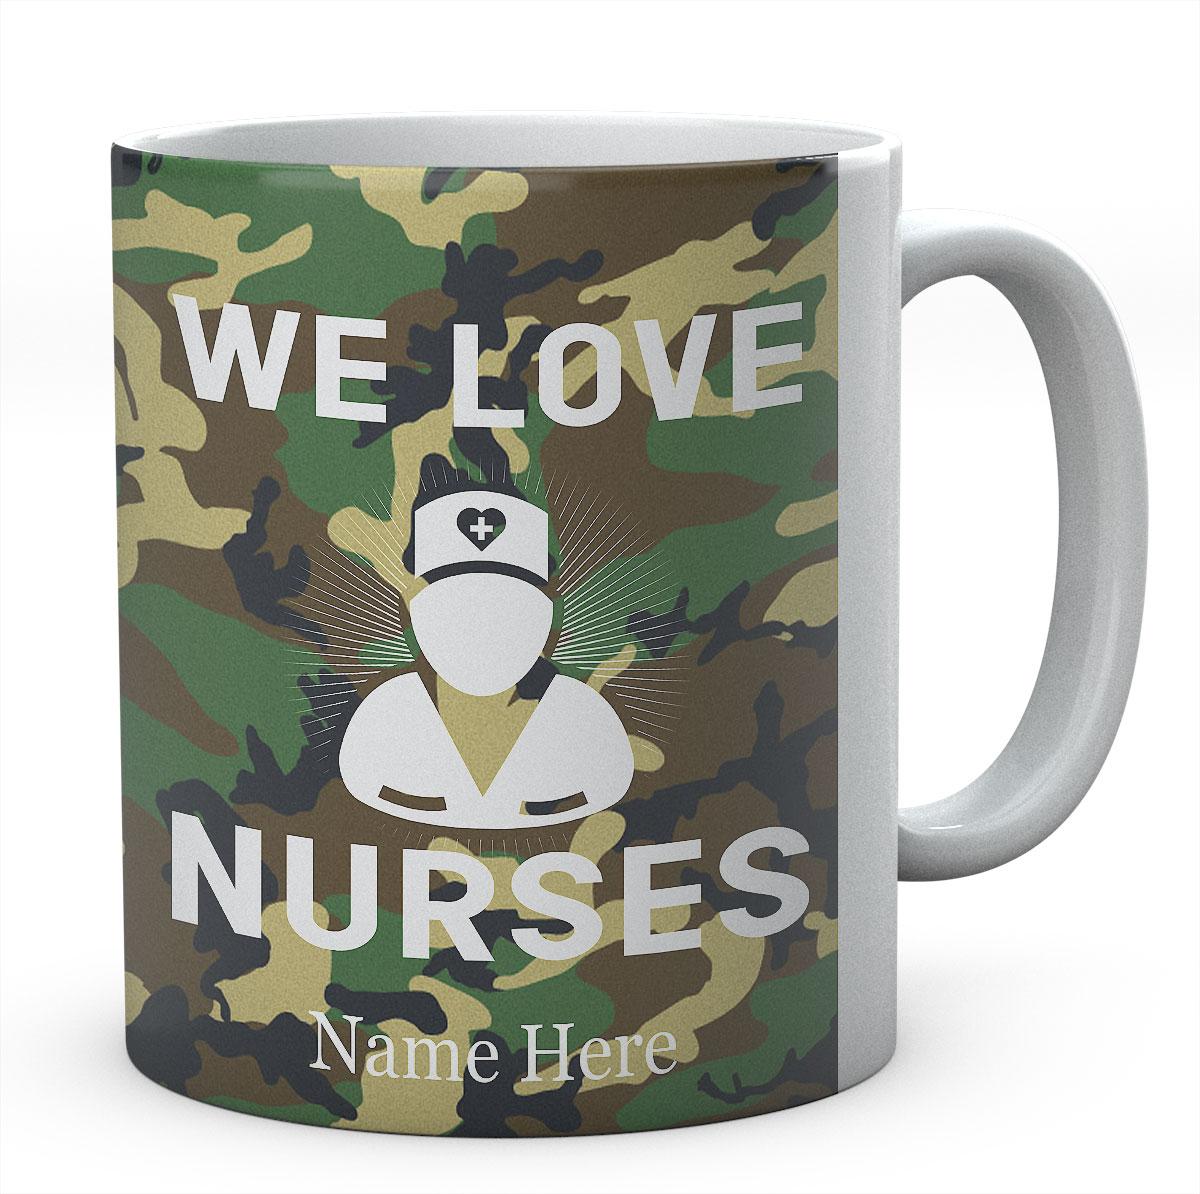 Personalised We Love Nurses Mug